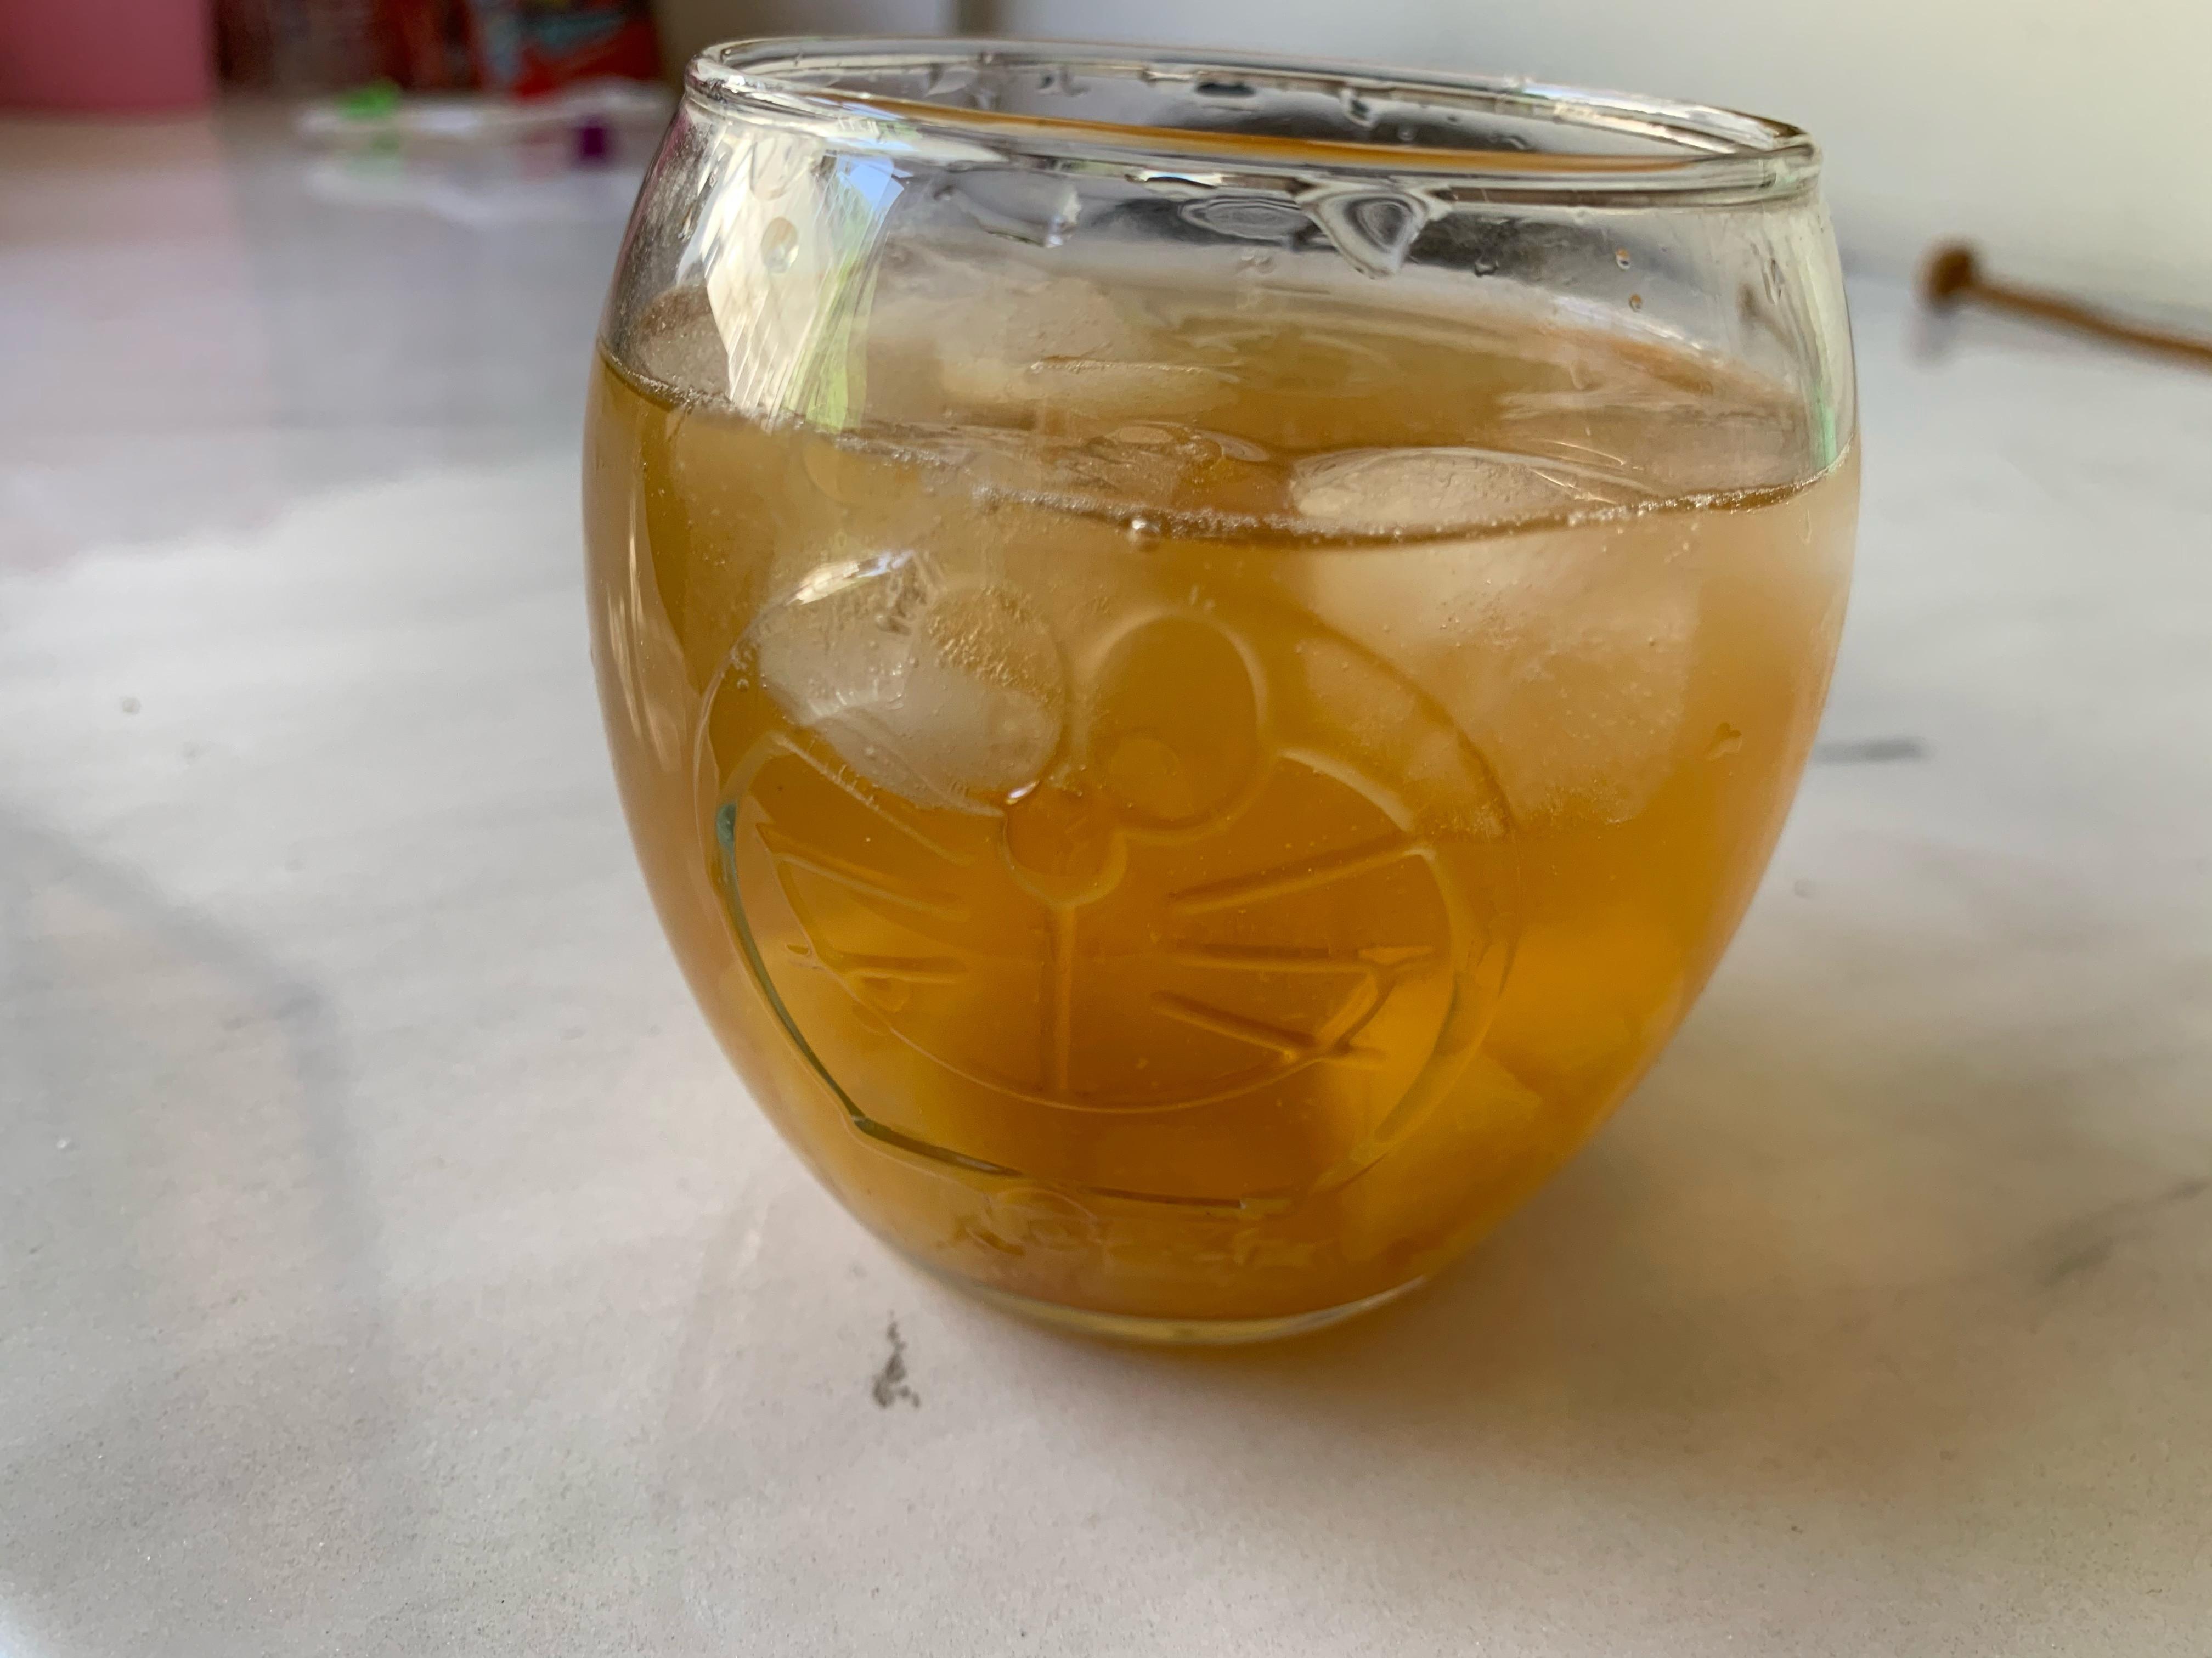 鳳梨冰茶(鳳梨果醬) 減糖版